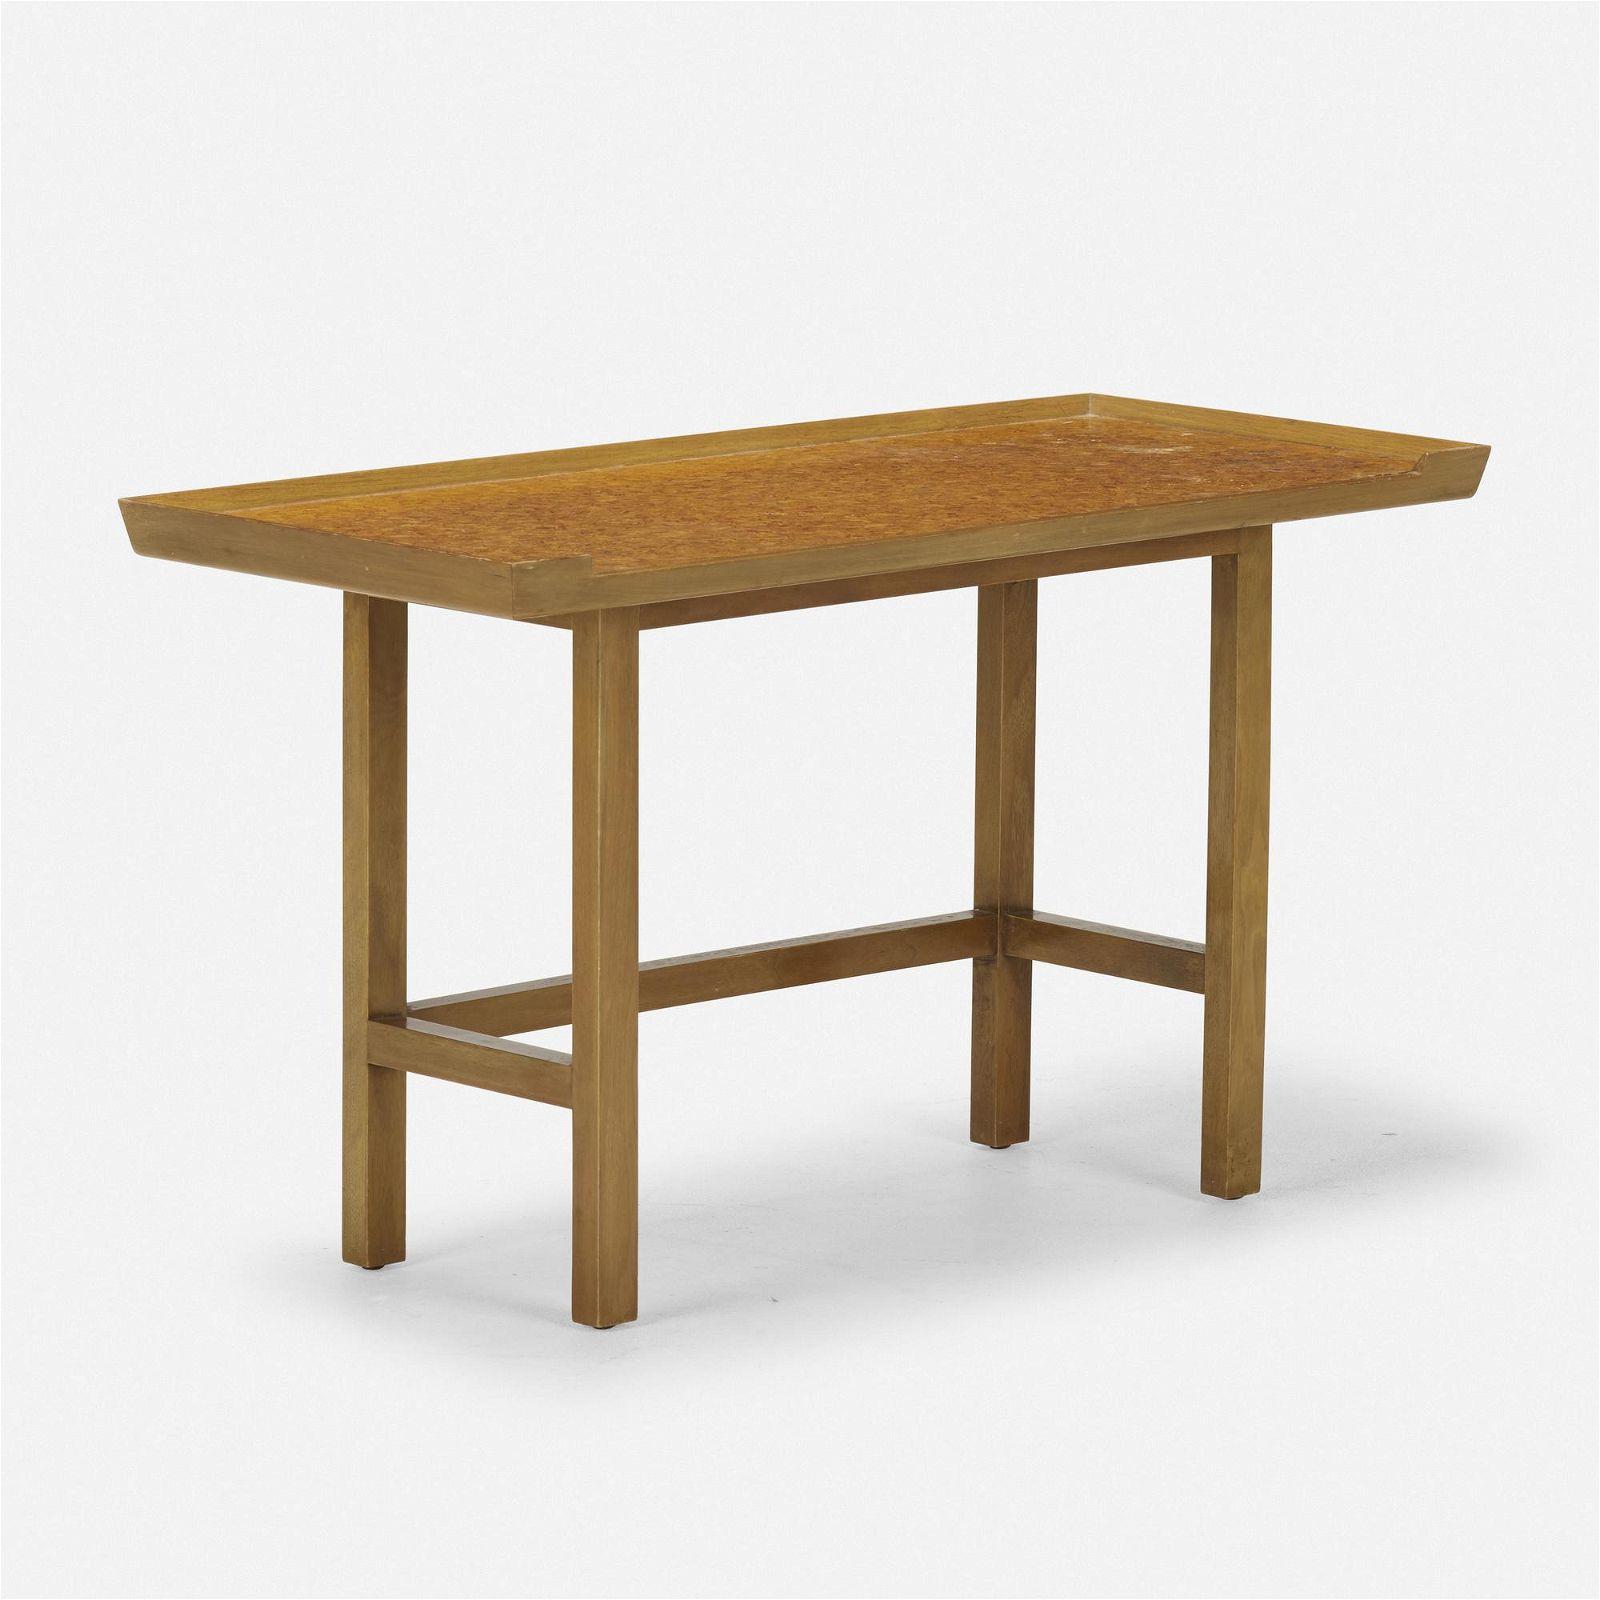 Edward Wormley, Work table, model 5199